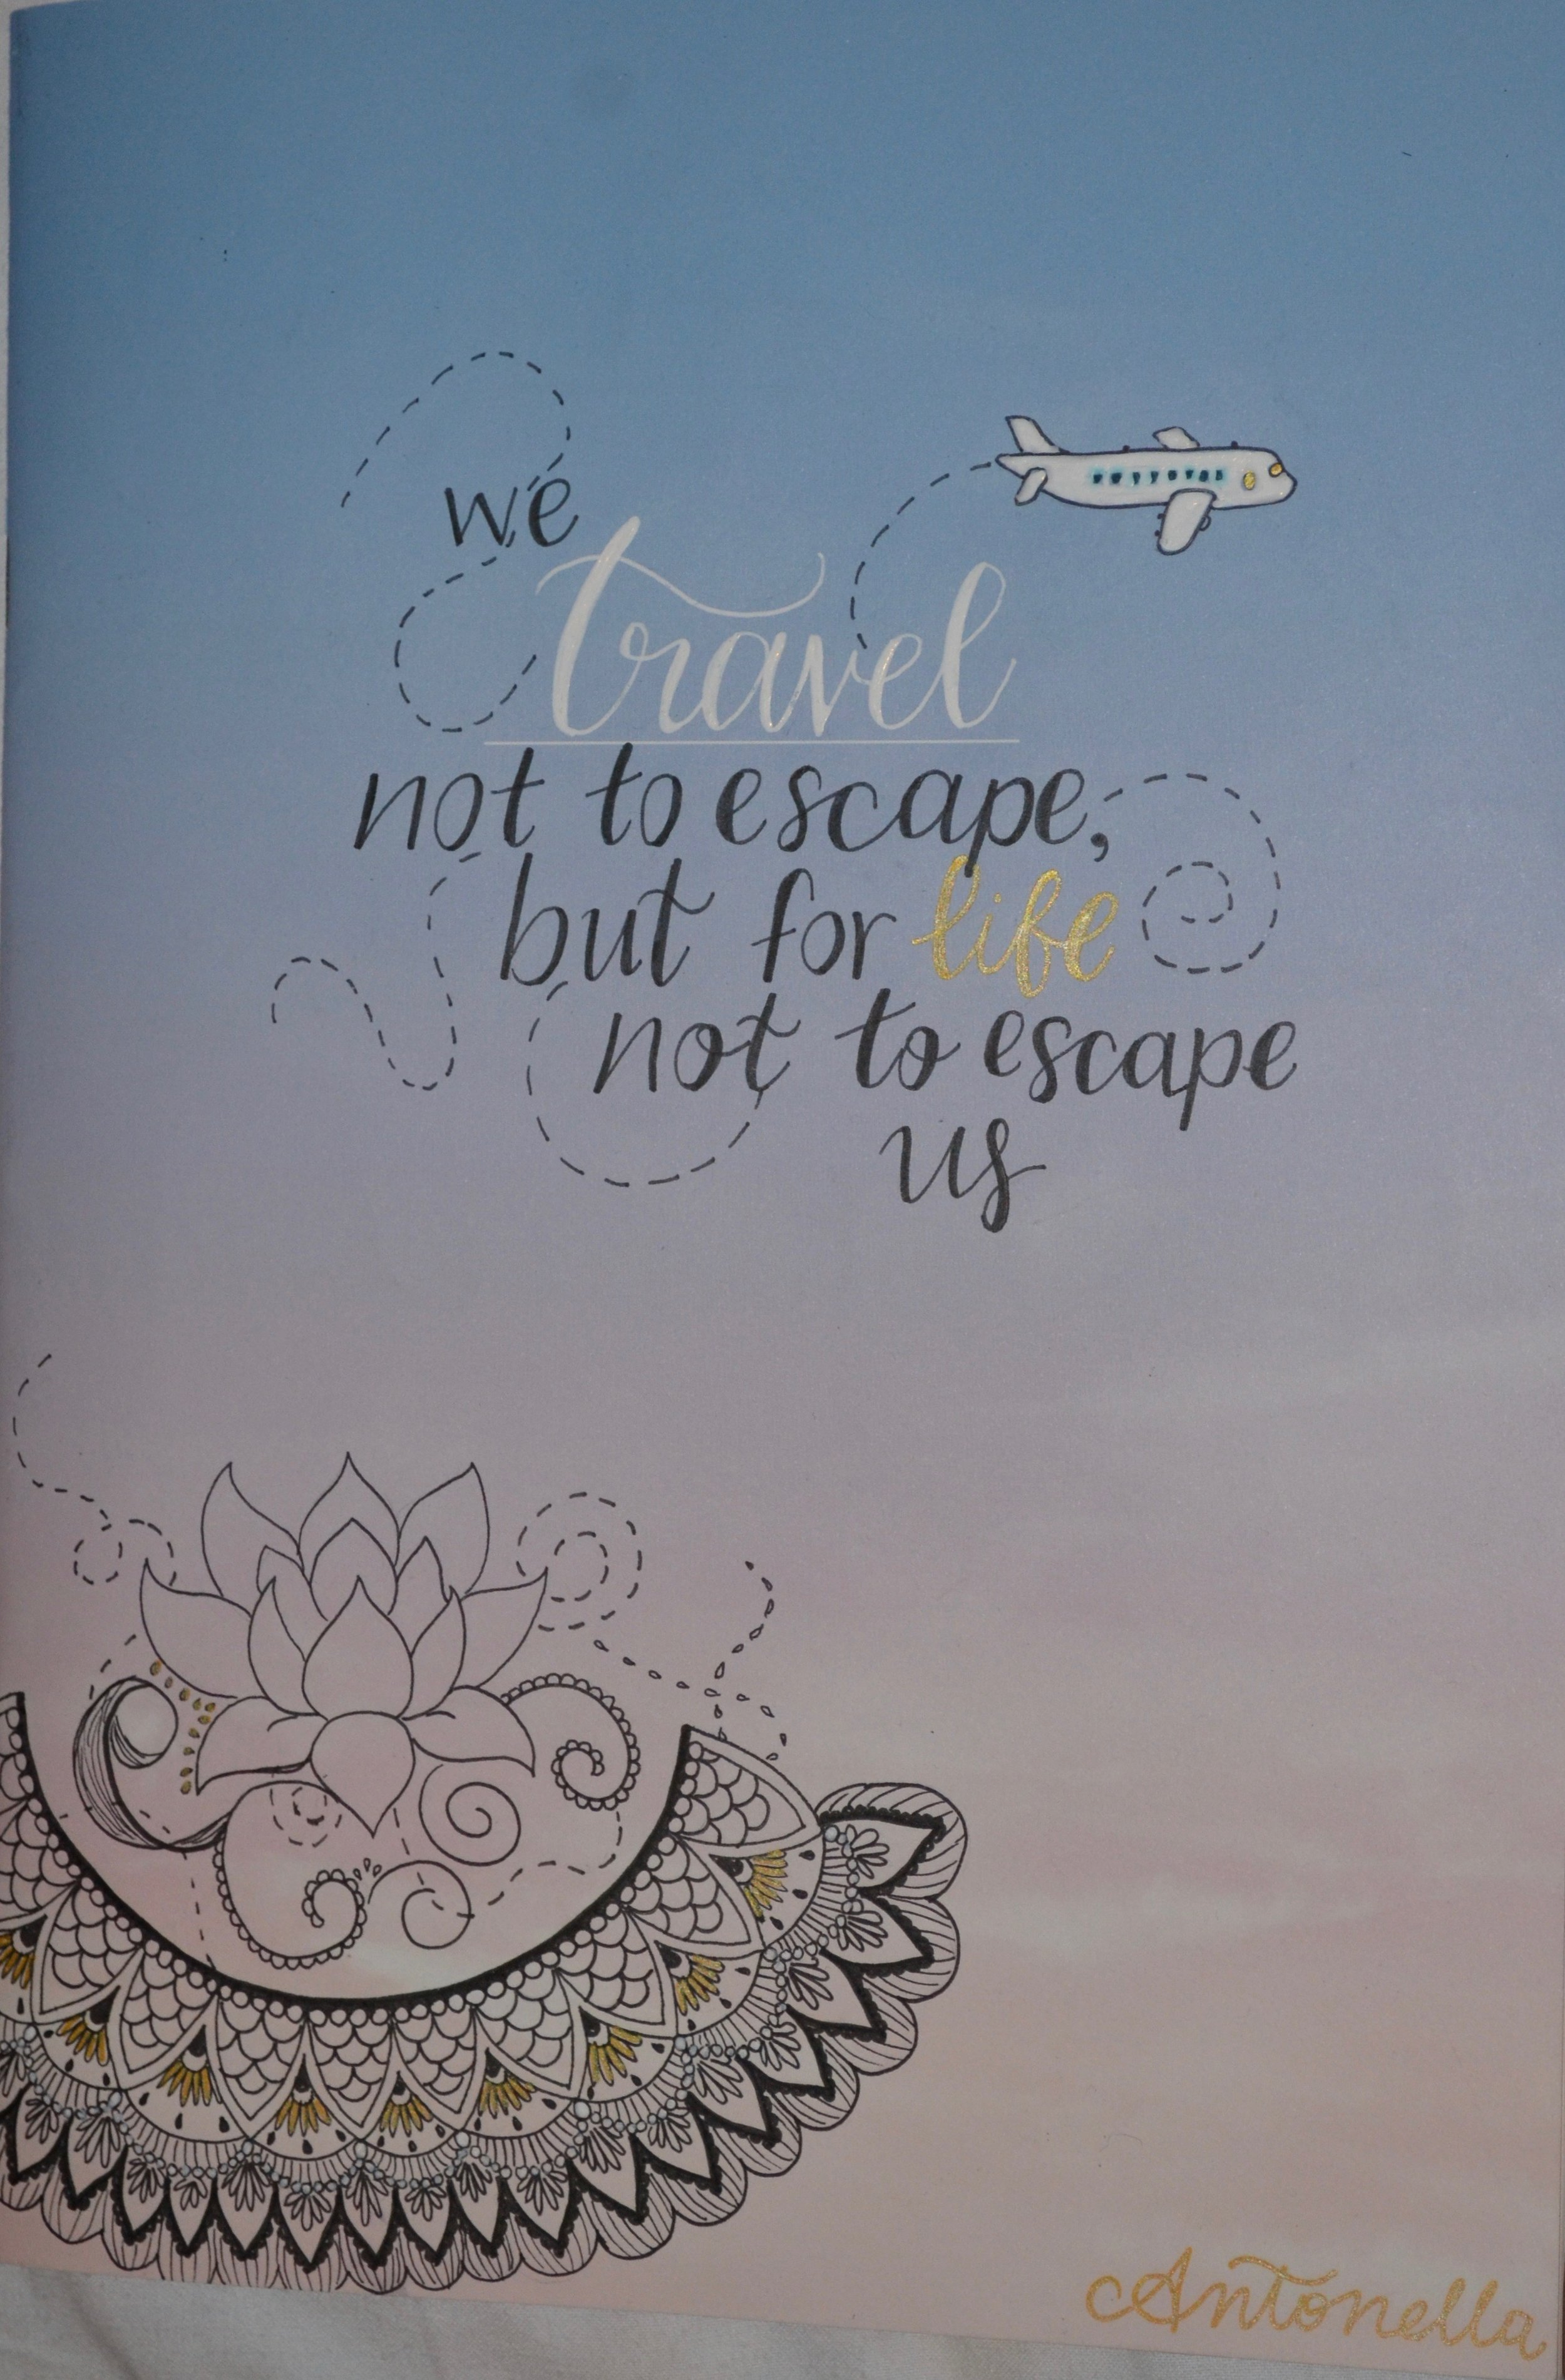 La tapa de mi diario de viajes era vació, y decidí dibujar flores y experimentar con caligrafía.